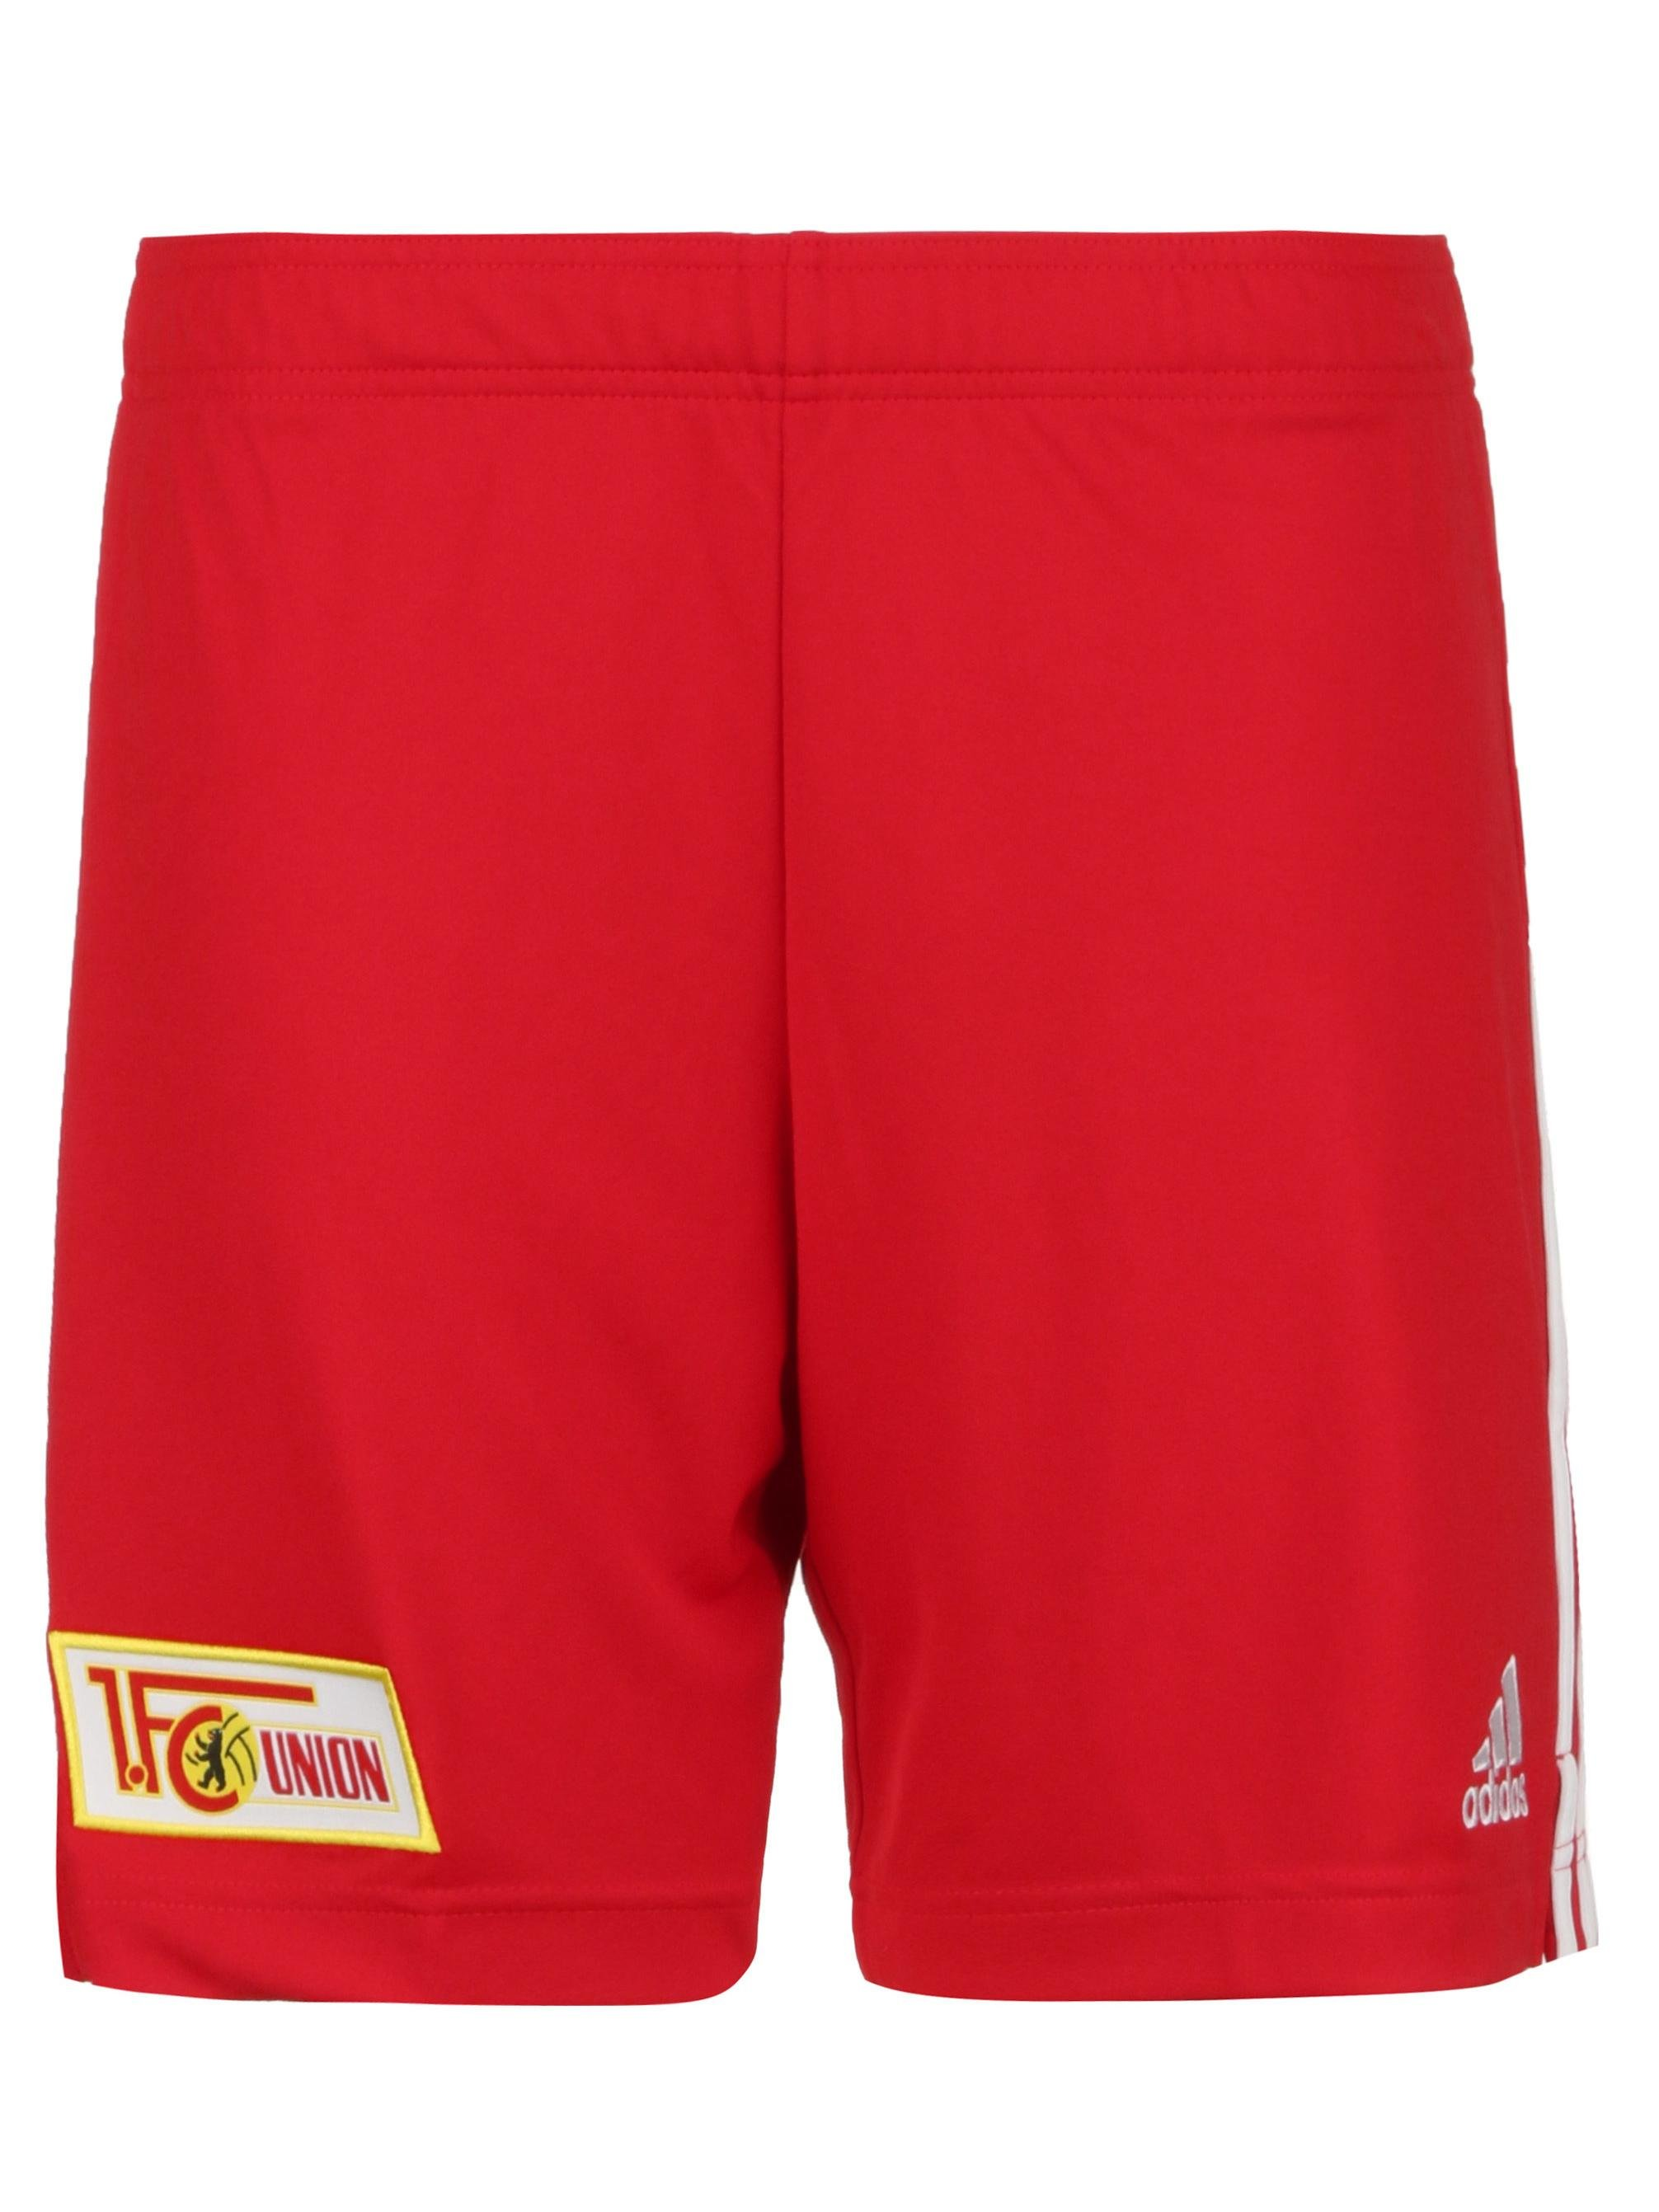 Homme 1. FC UNION BERLIN  - Pantalon de survêtement